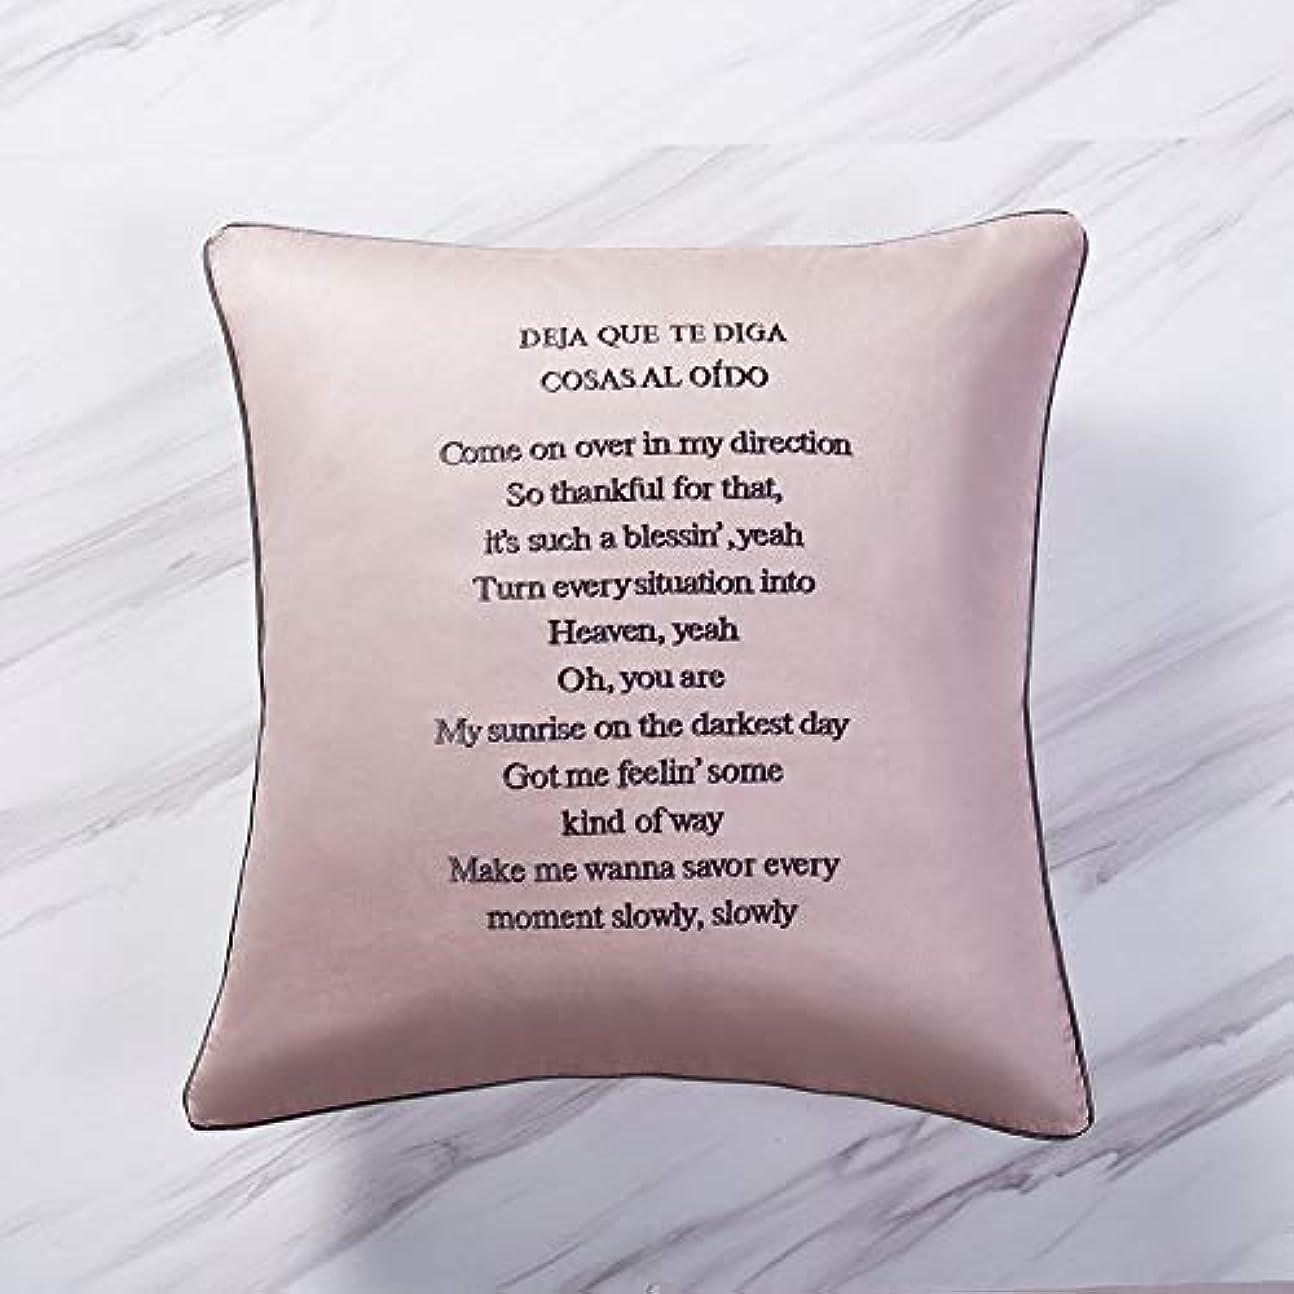 微視的ピニオンペフ枕 ロングステープルコットン刺繍入りレターピローコットンソファーベッドbyウエストクッションピローケース付きコア (色 : Cream powder, Size : 45*45cm)